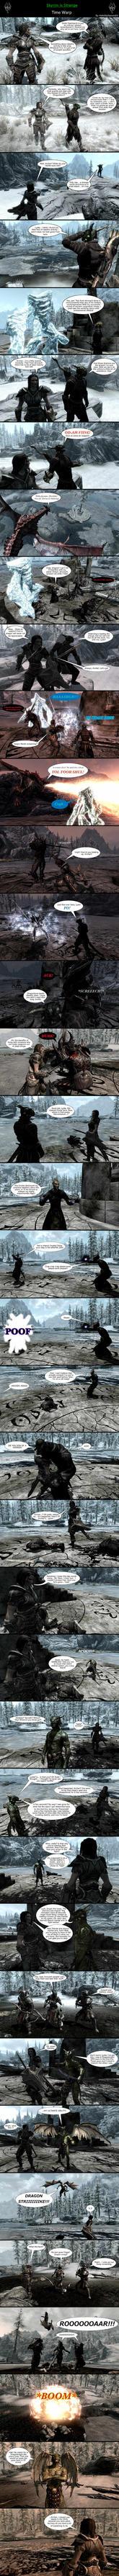 Skyrim is Strange - Time Warp by HelloMyNameIsEd